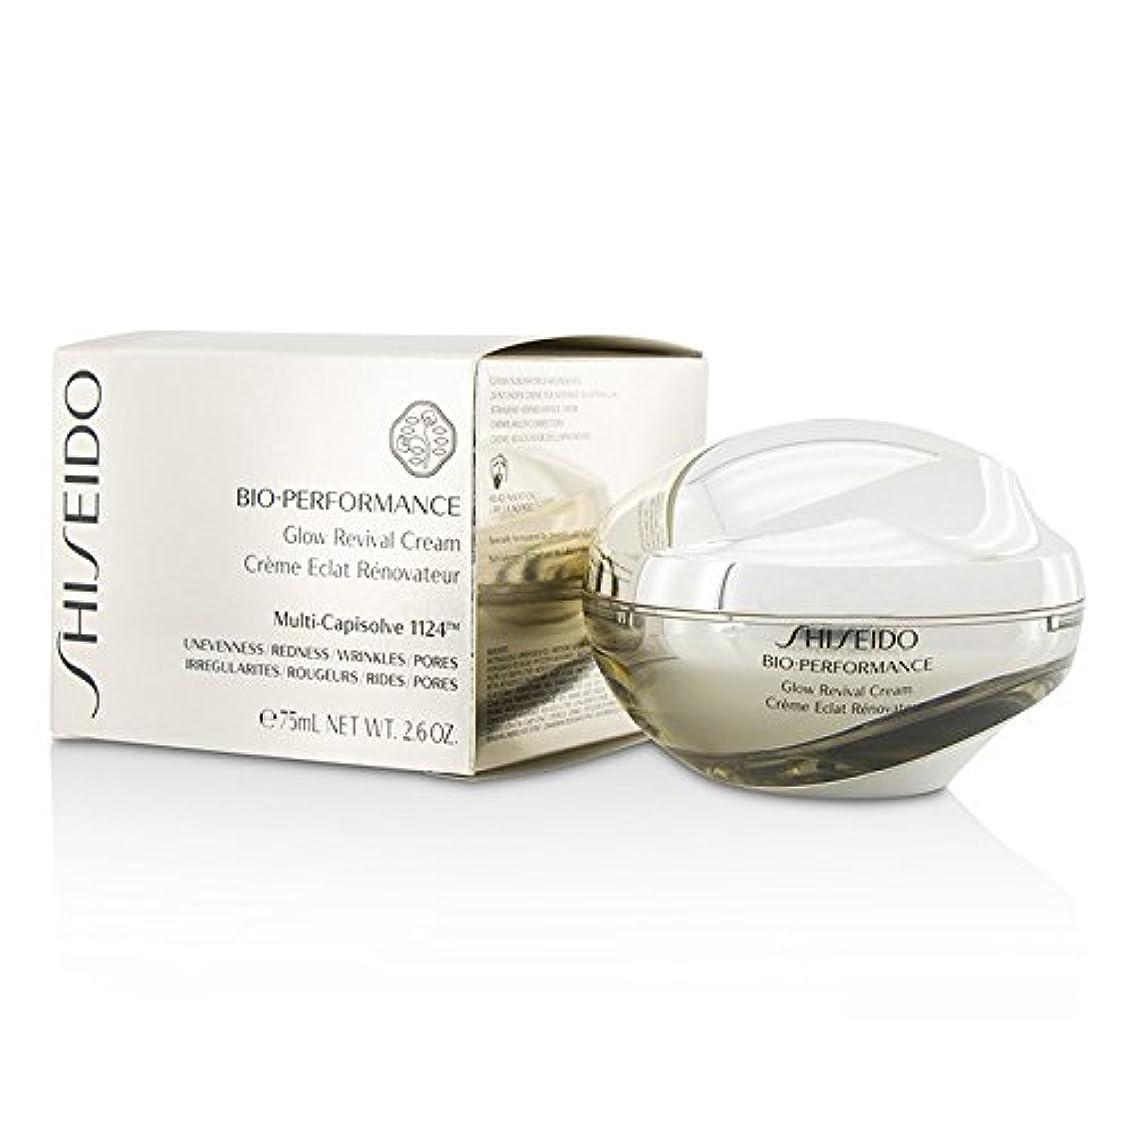 慰め操作生じる資生堂 Bio Performance Glow Revival Cream 11957 75ml/2.5oz並行輸入品